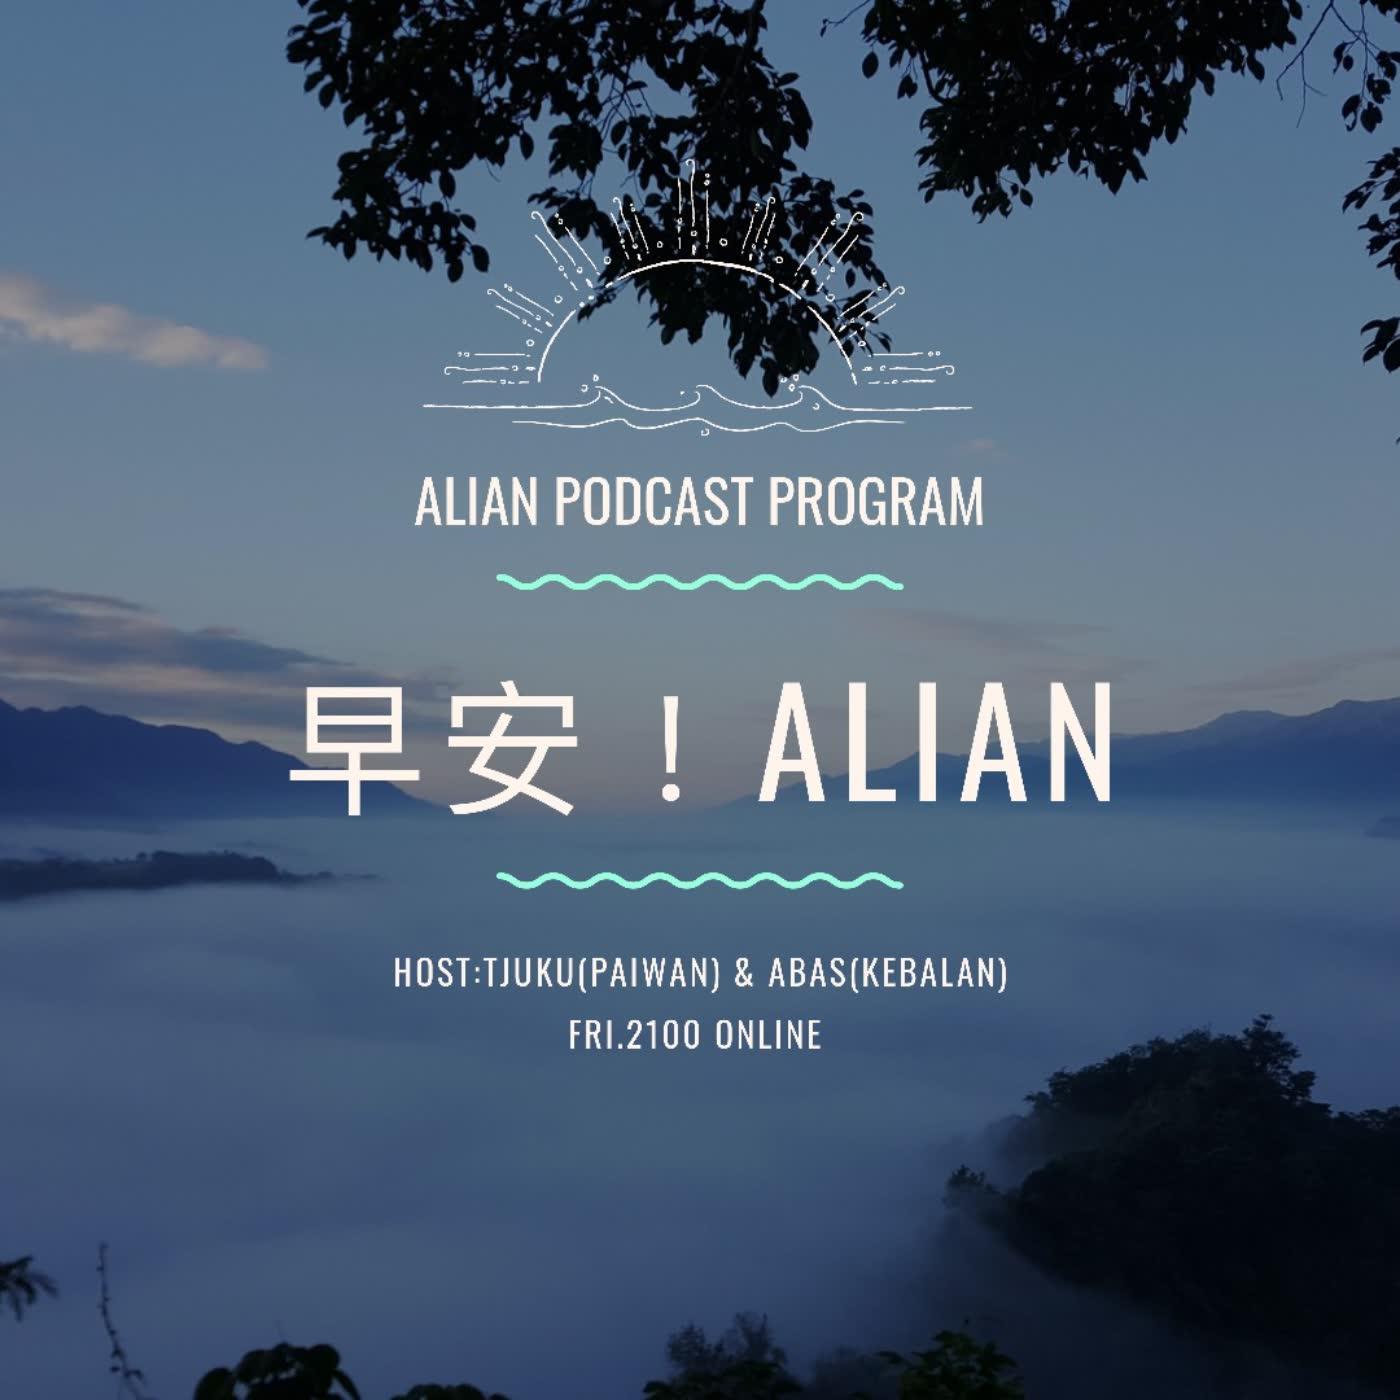 早安!Alian